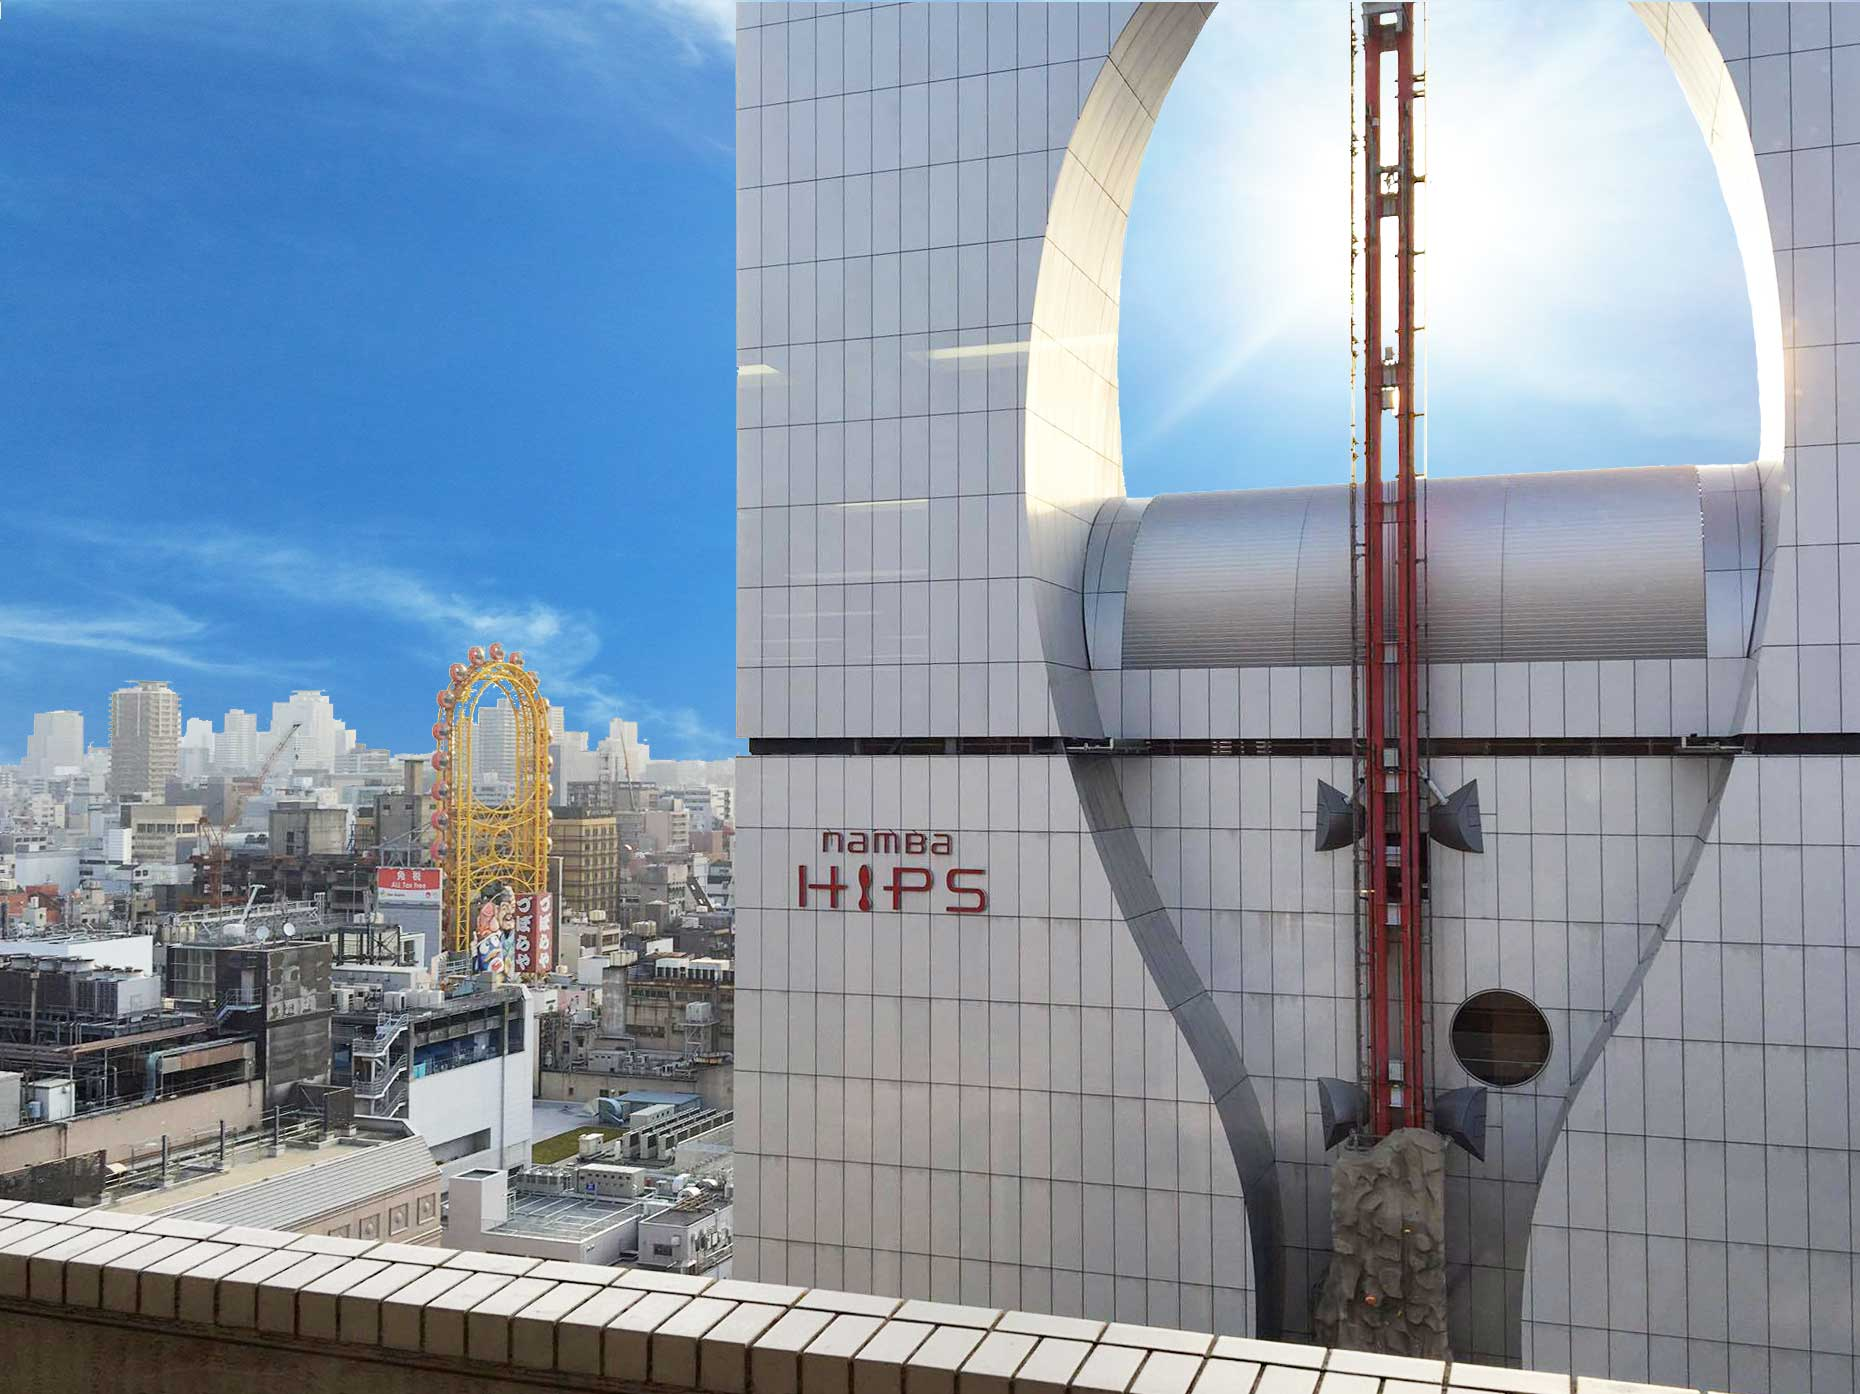 大阪なんばHIPSの風景